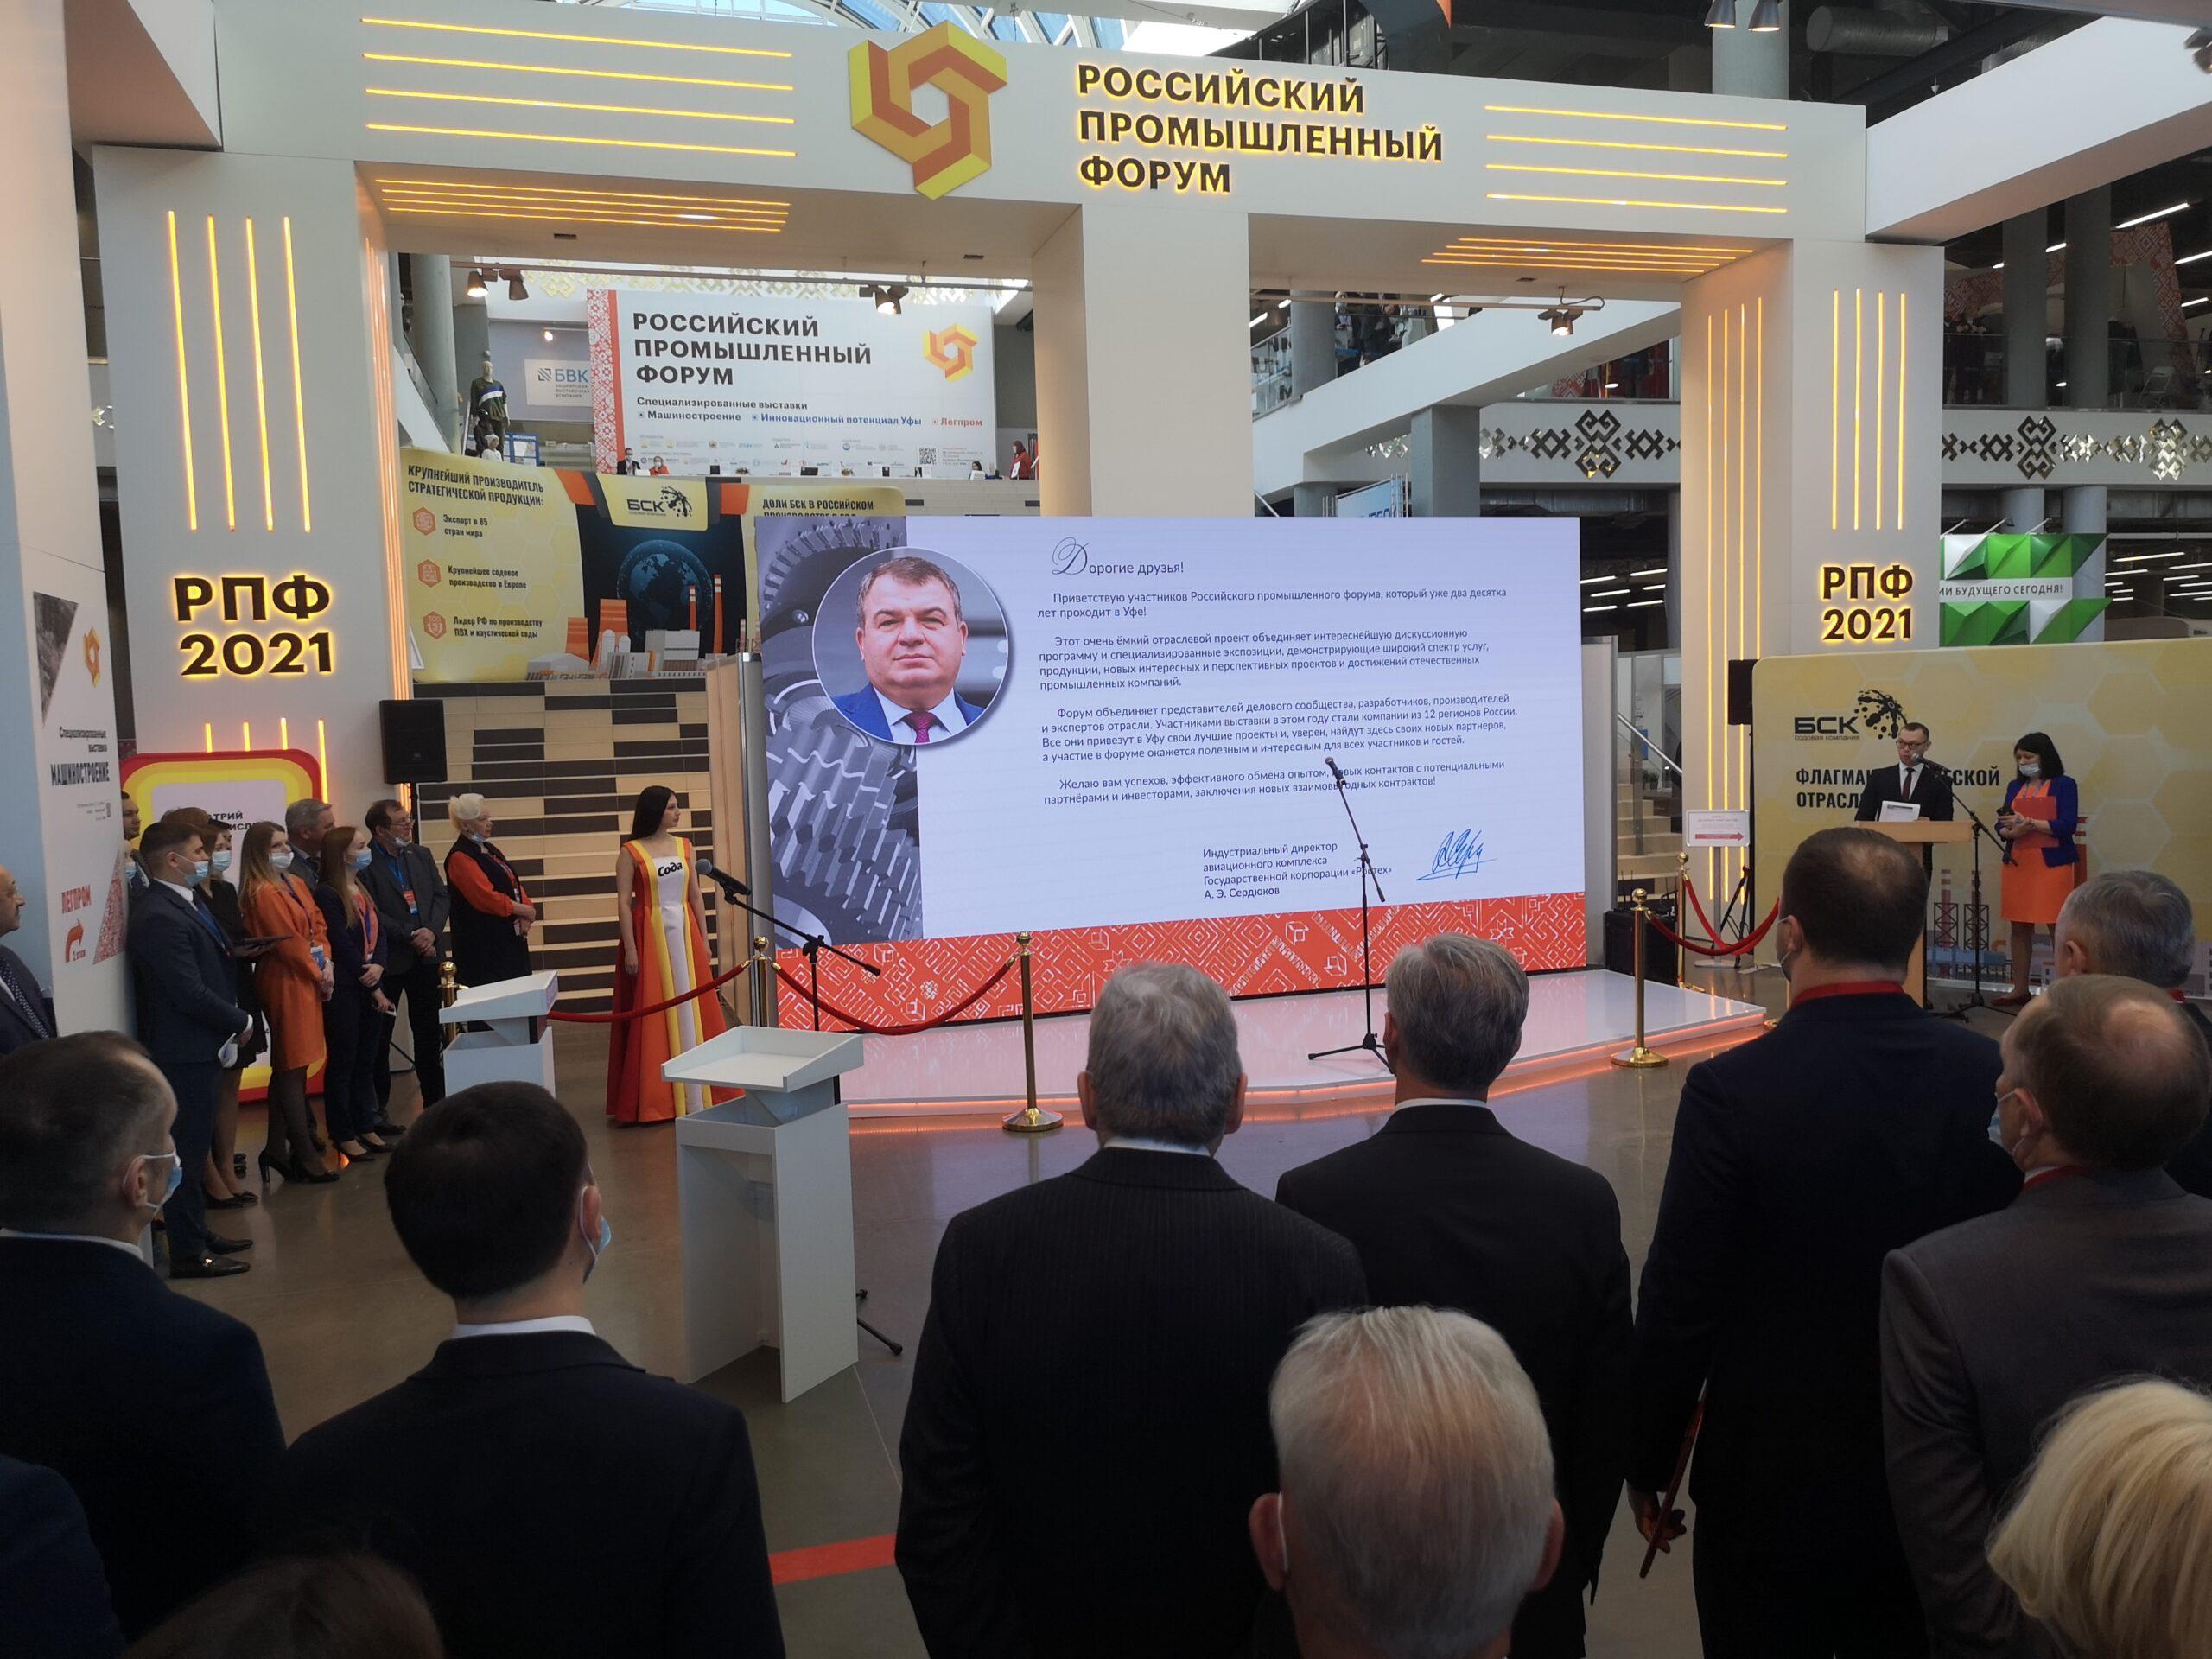 Открытие и работа Российского Промышленного форума.